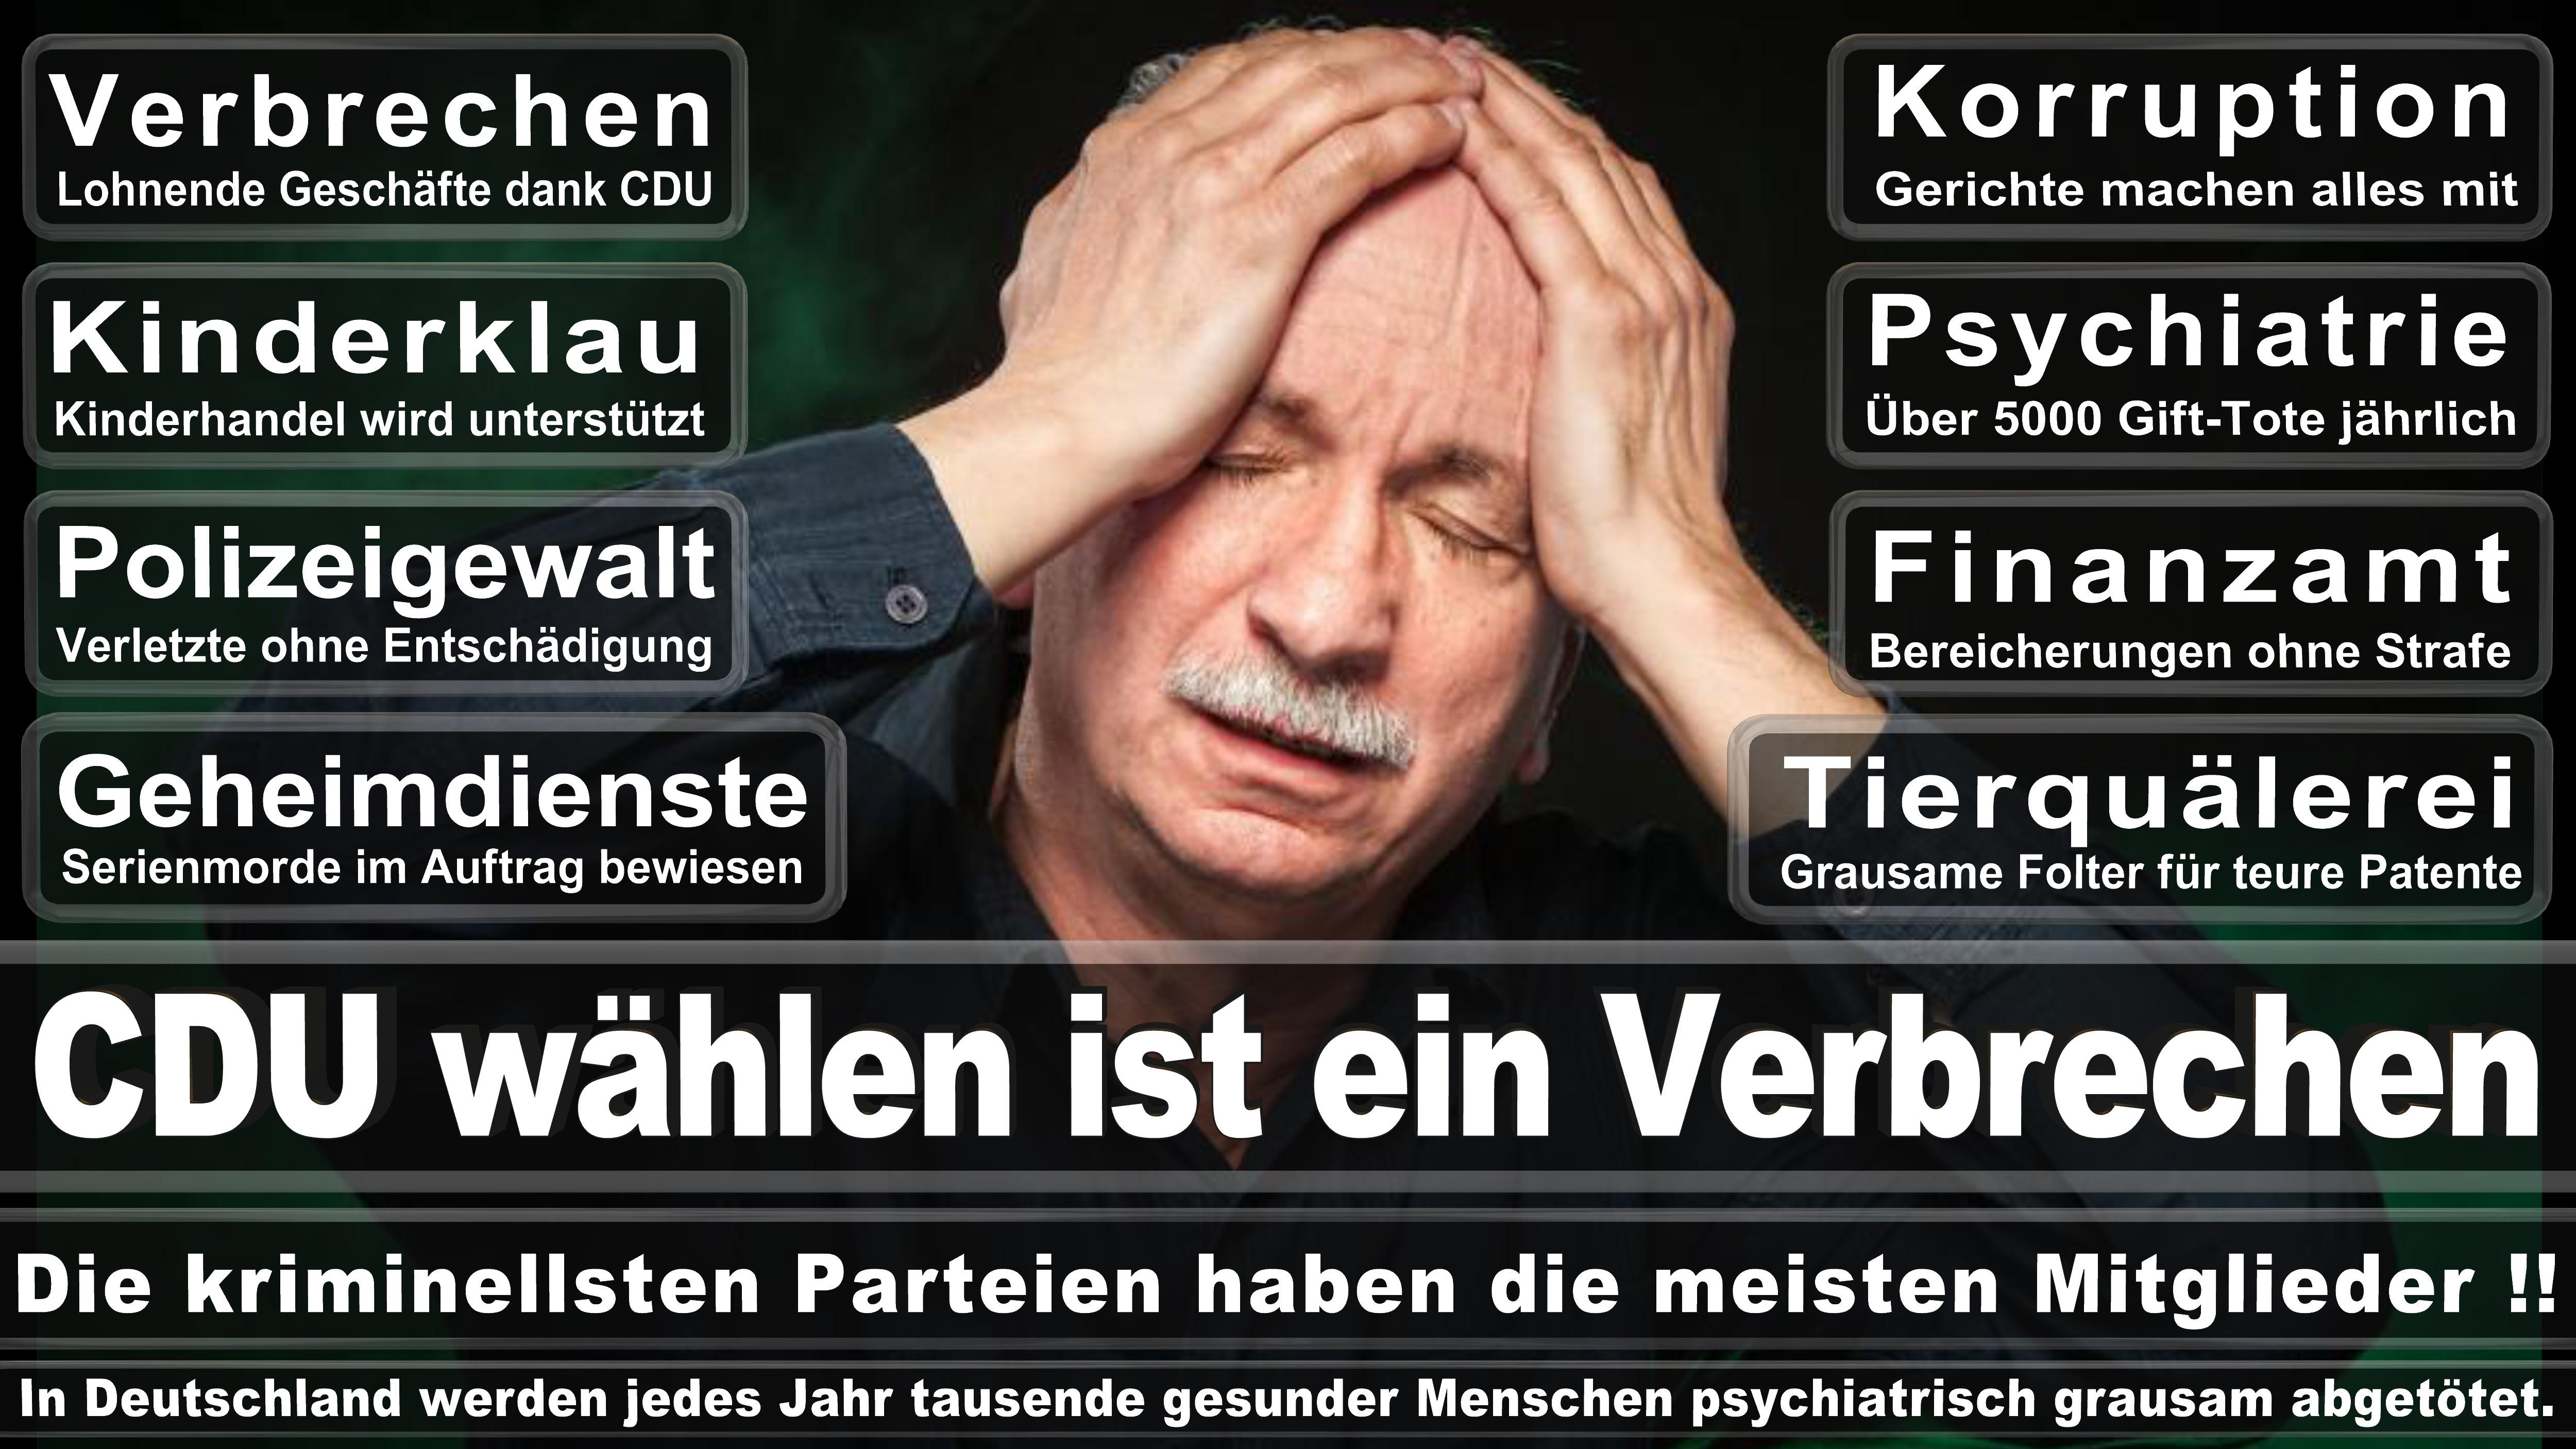 CDU, BIELEFELD, RATSMITGLIEDER, VORSTAND, ORTSVERBAND, MITGLIEDER (66)